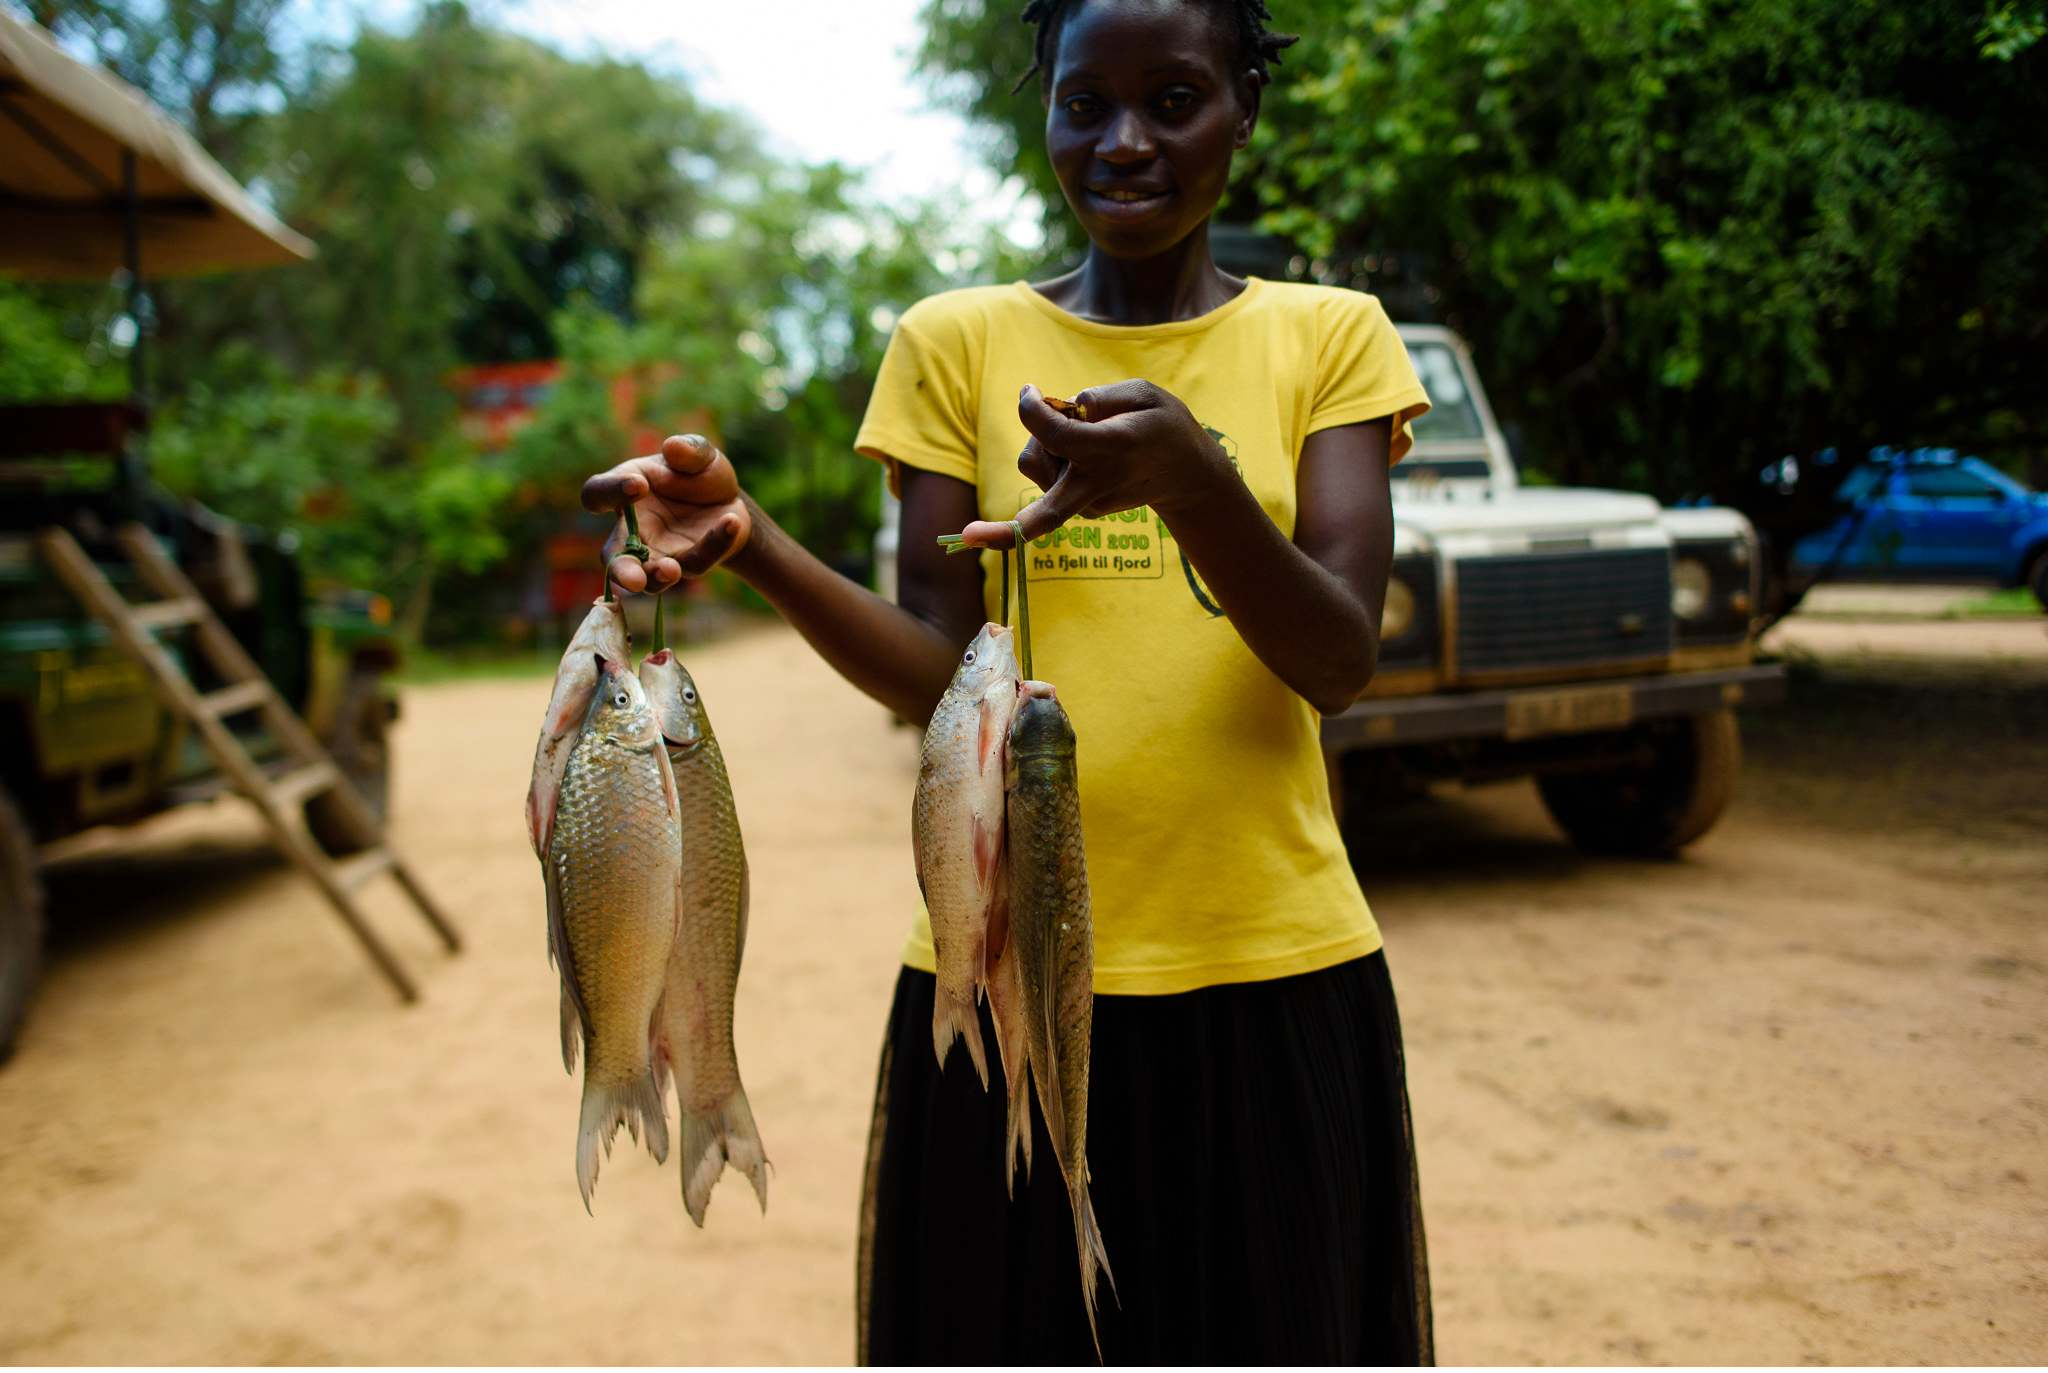 Vom South Luangwa in Zambia an den Malawi See - Marion und Daniel - Geschichten von unterwegs-76